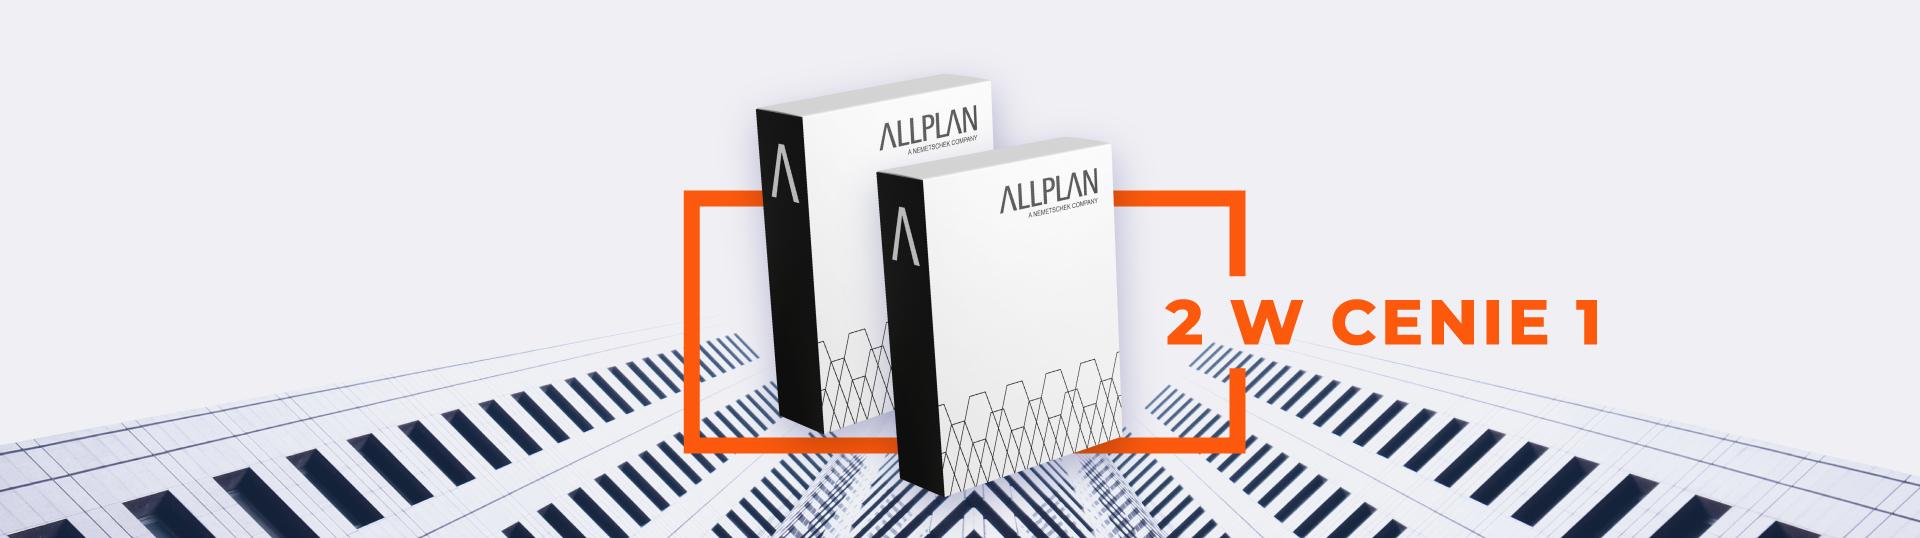 Promocja: Kup dowolną licencję wieczystą Allplan i zyskaj gratis  licencję roczną Allplan Basic!